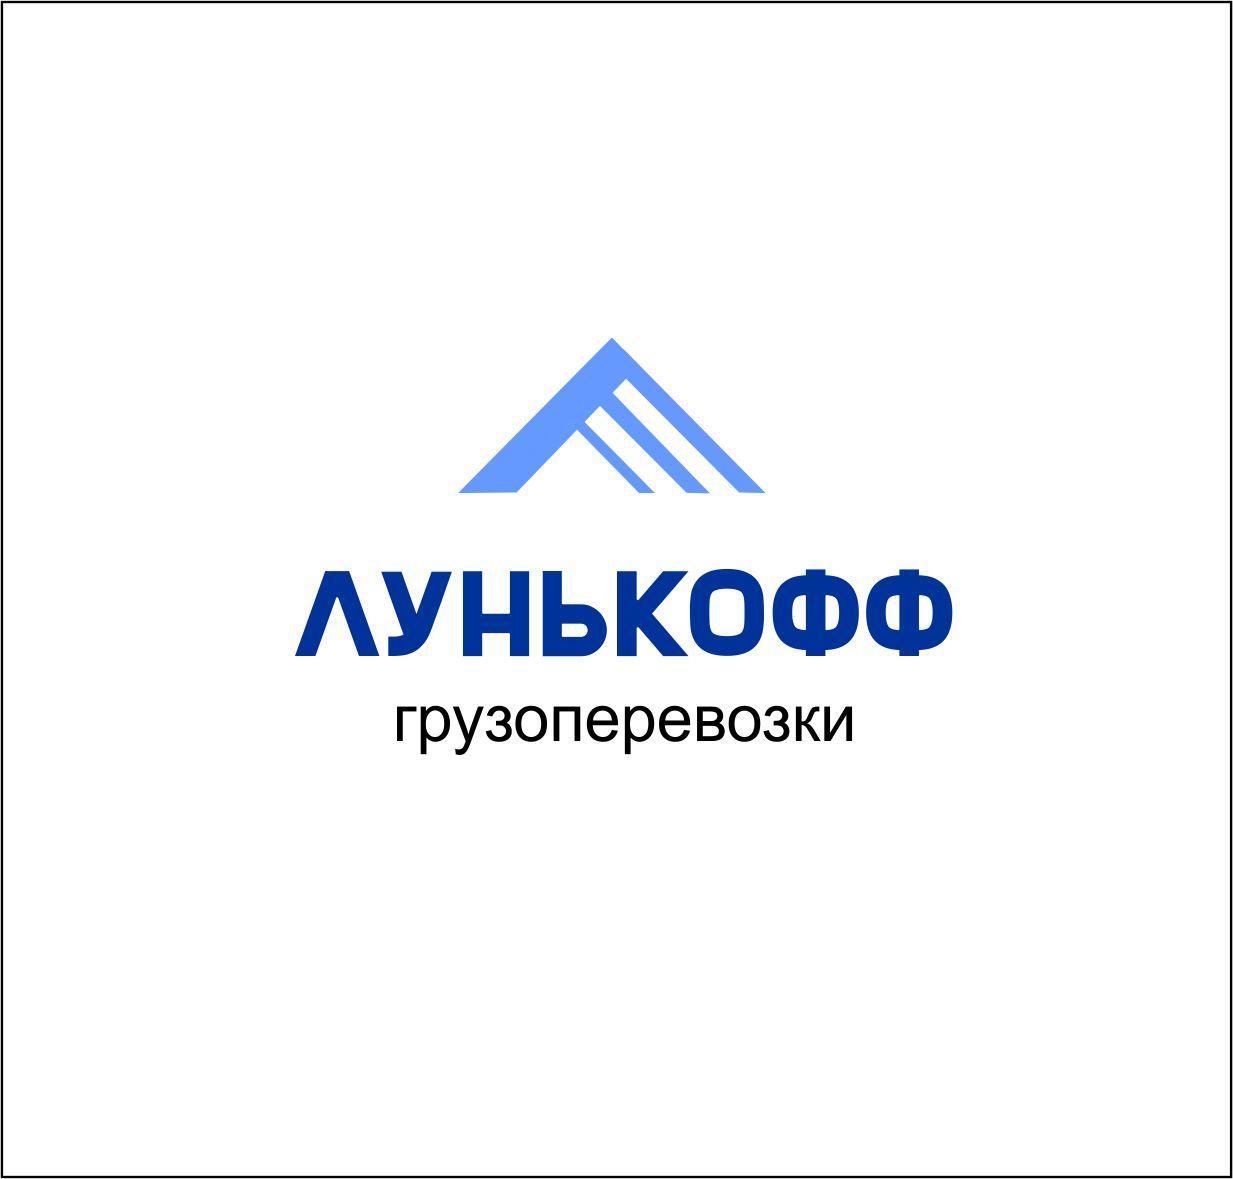 Разработка лого транспортной компании